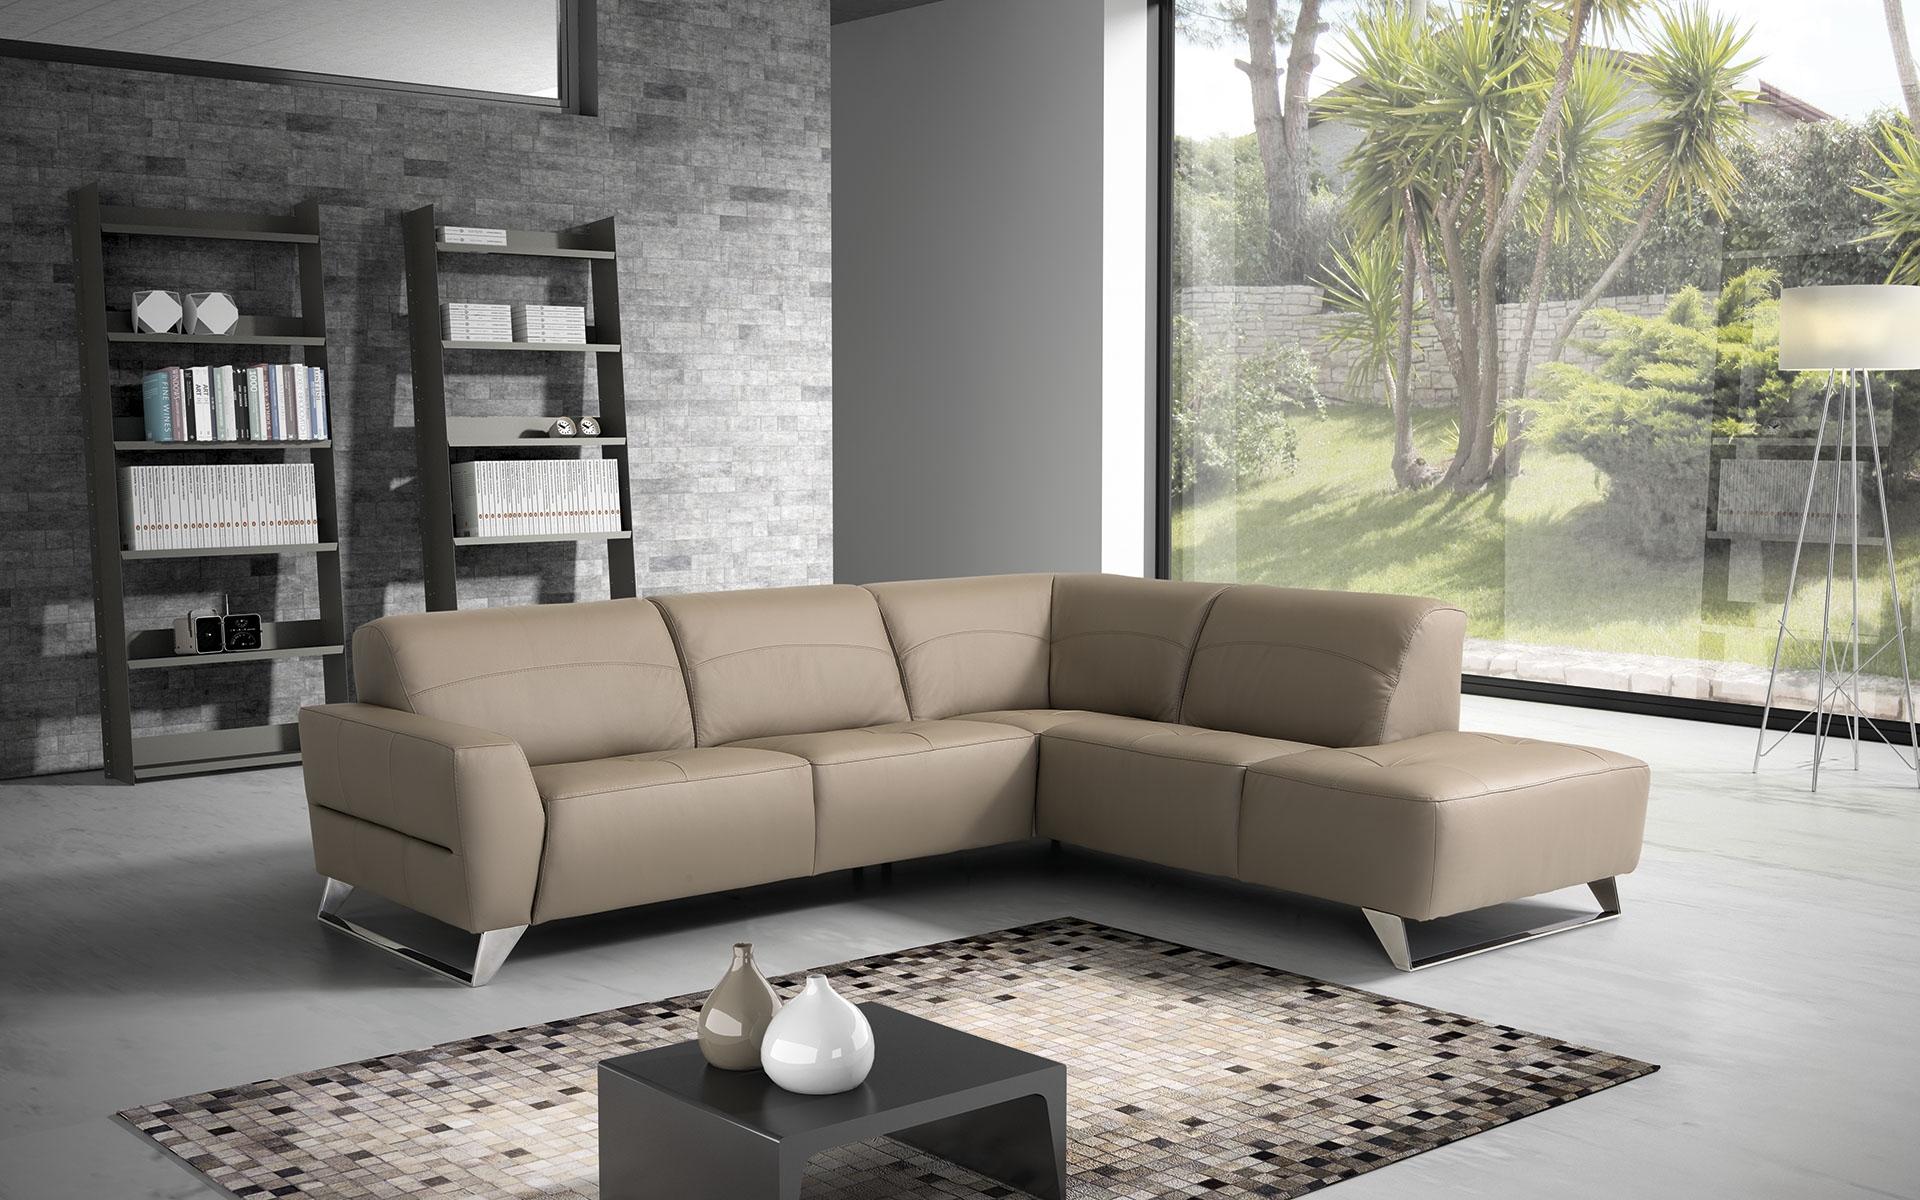 Divano angolare in pelle moderno prezzo outlet divani a for Divano prezzo